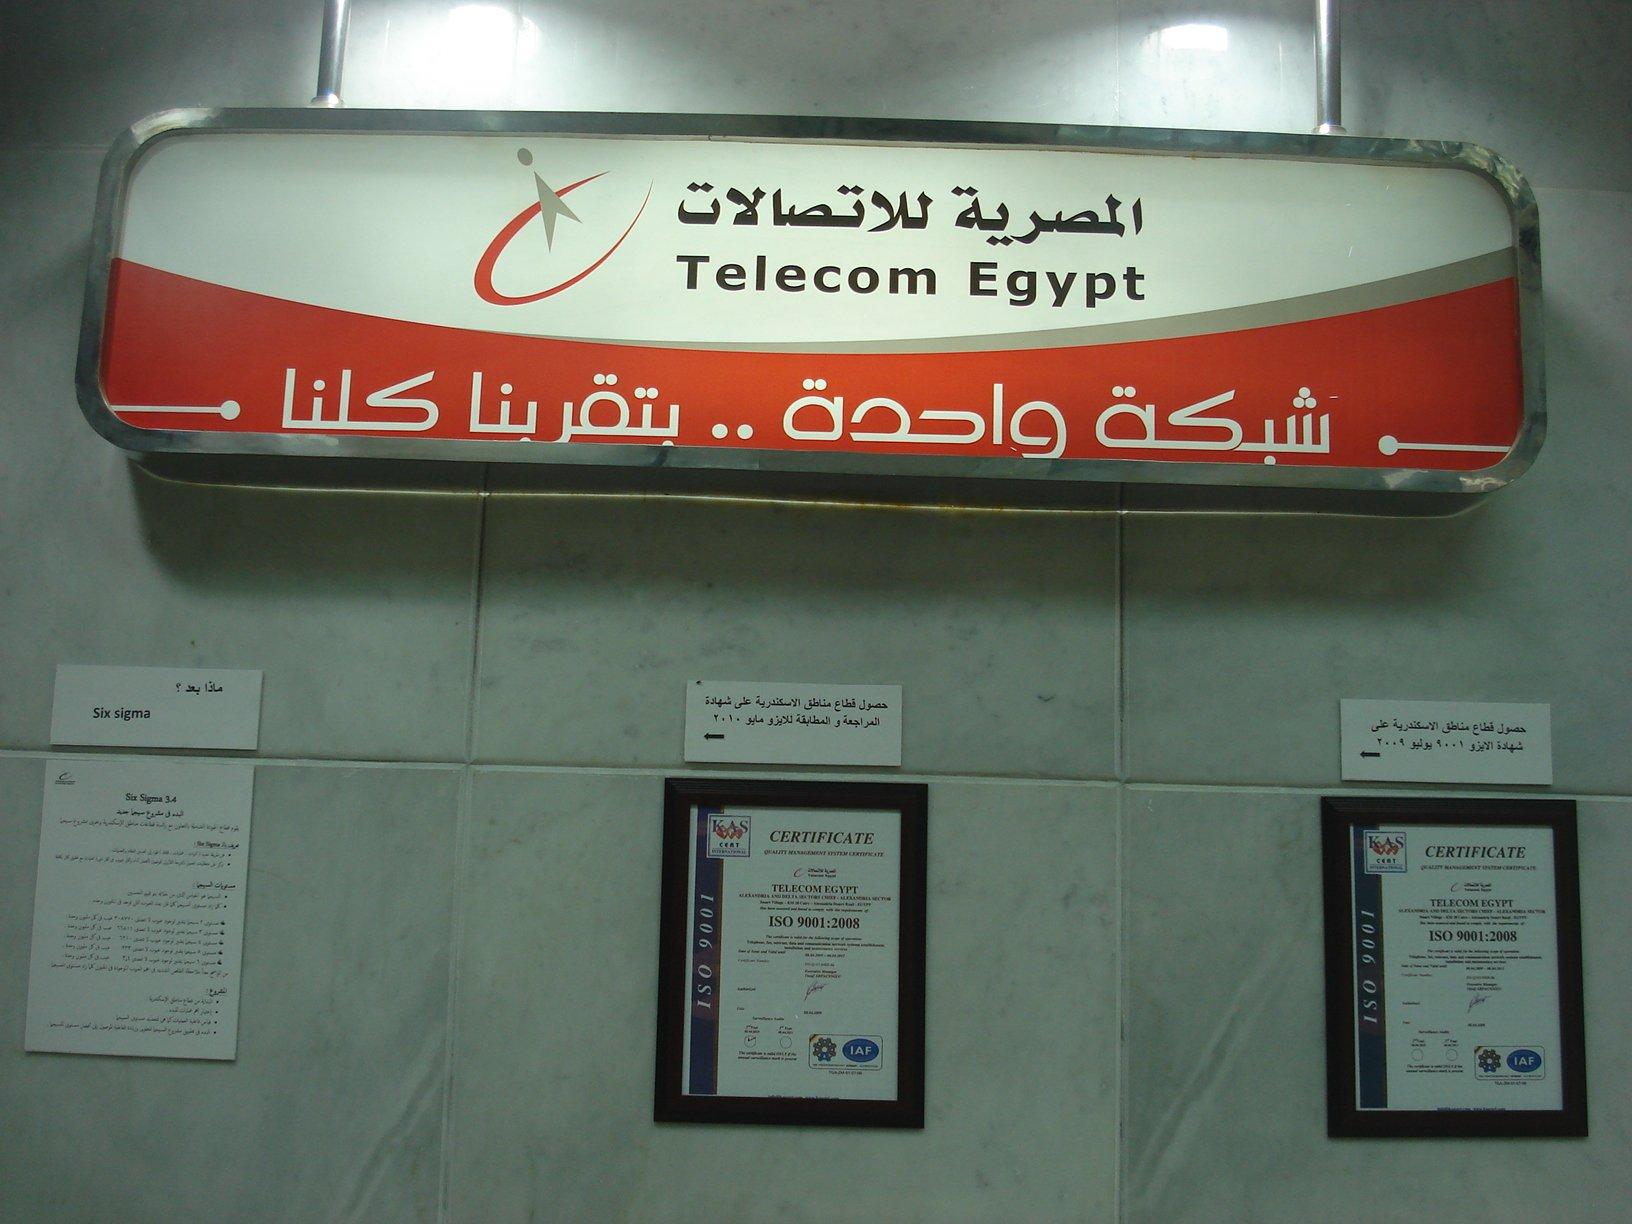 فاتورة التليفون الشركة المصرية للاتصالات